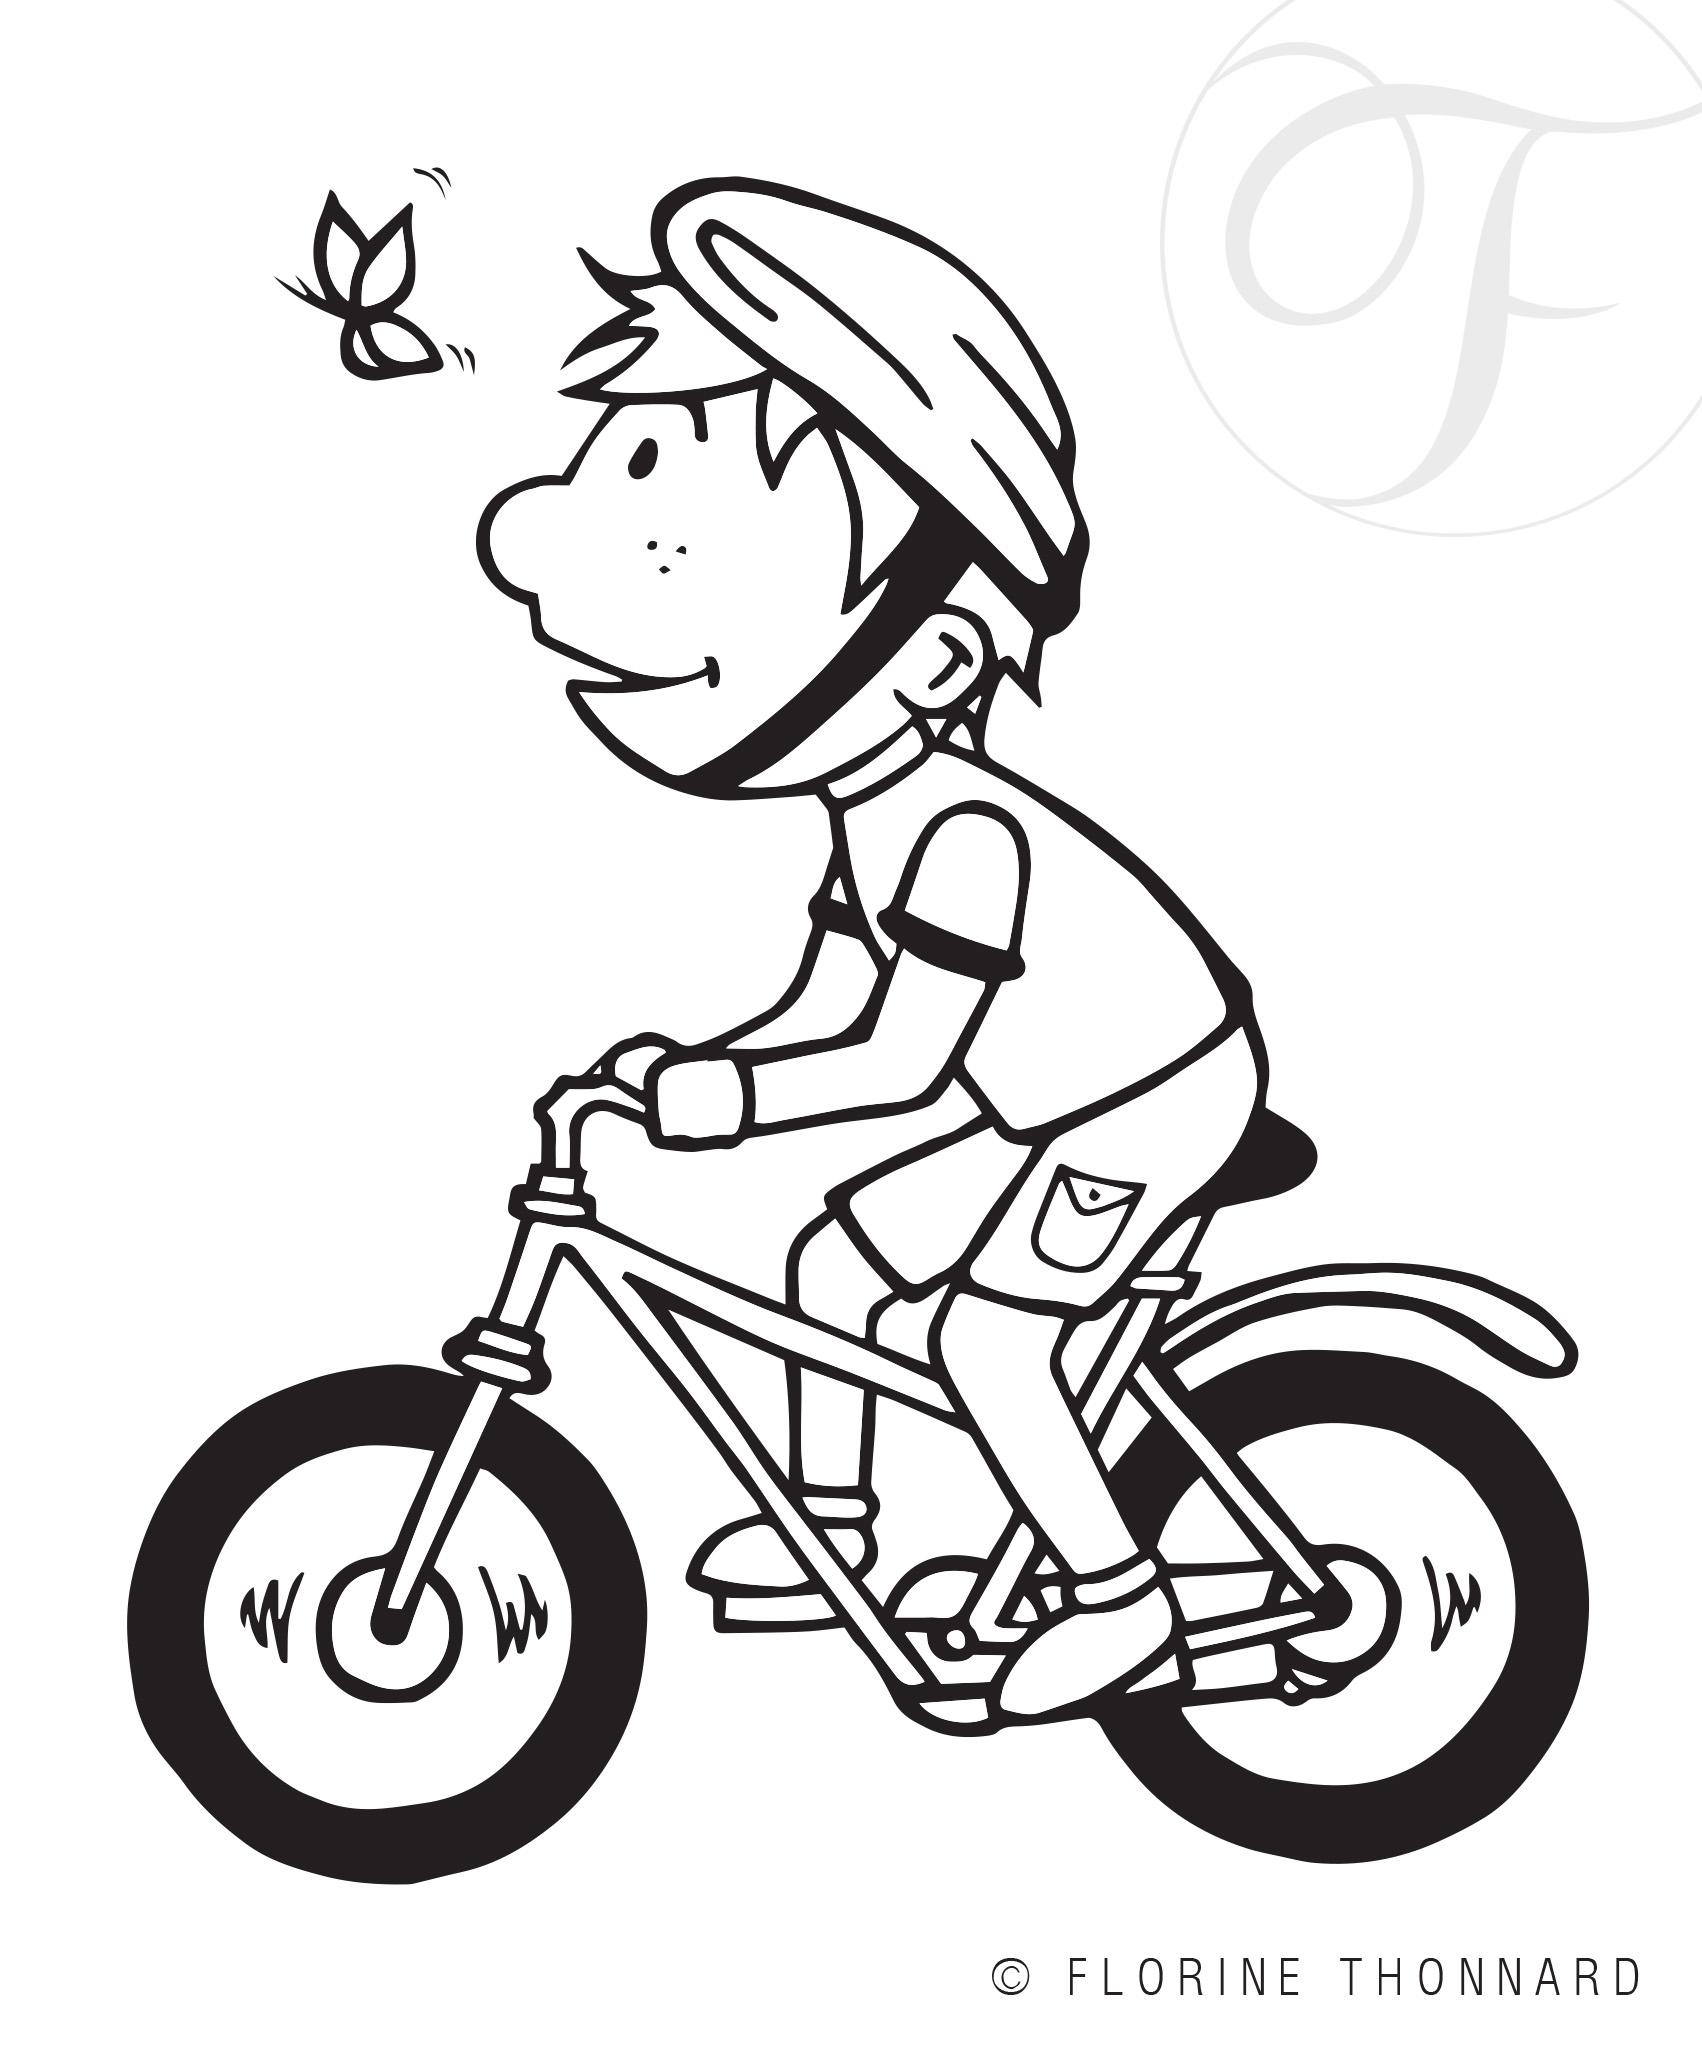 Florine Thonnard, graphiste à Liège, illustration maison du tourisme de bastogne vélo dessin cycliste